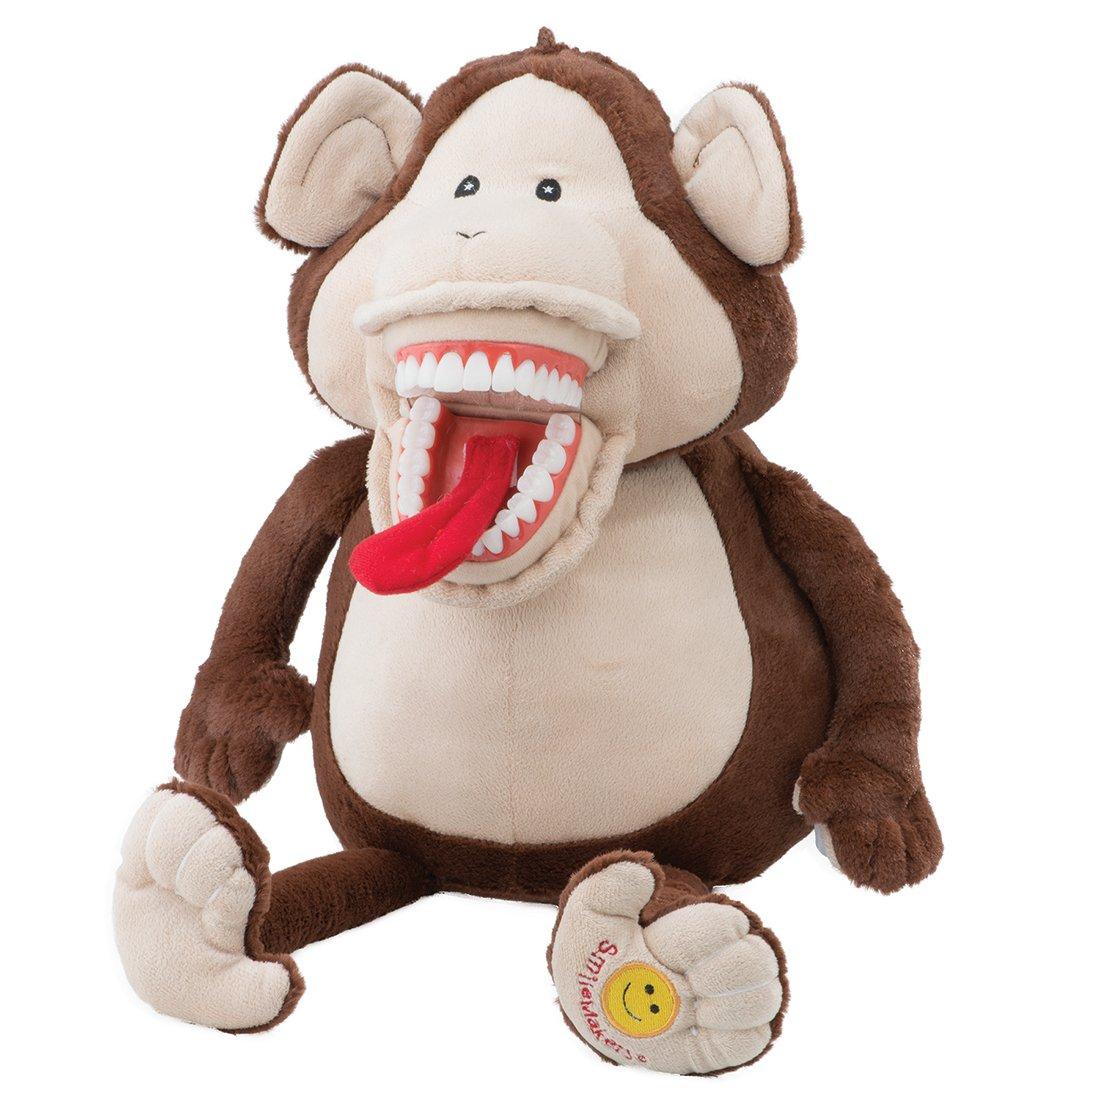 Brush Floss Smile Monkey Dental Puppet - Children's Dental Education Products